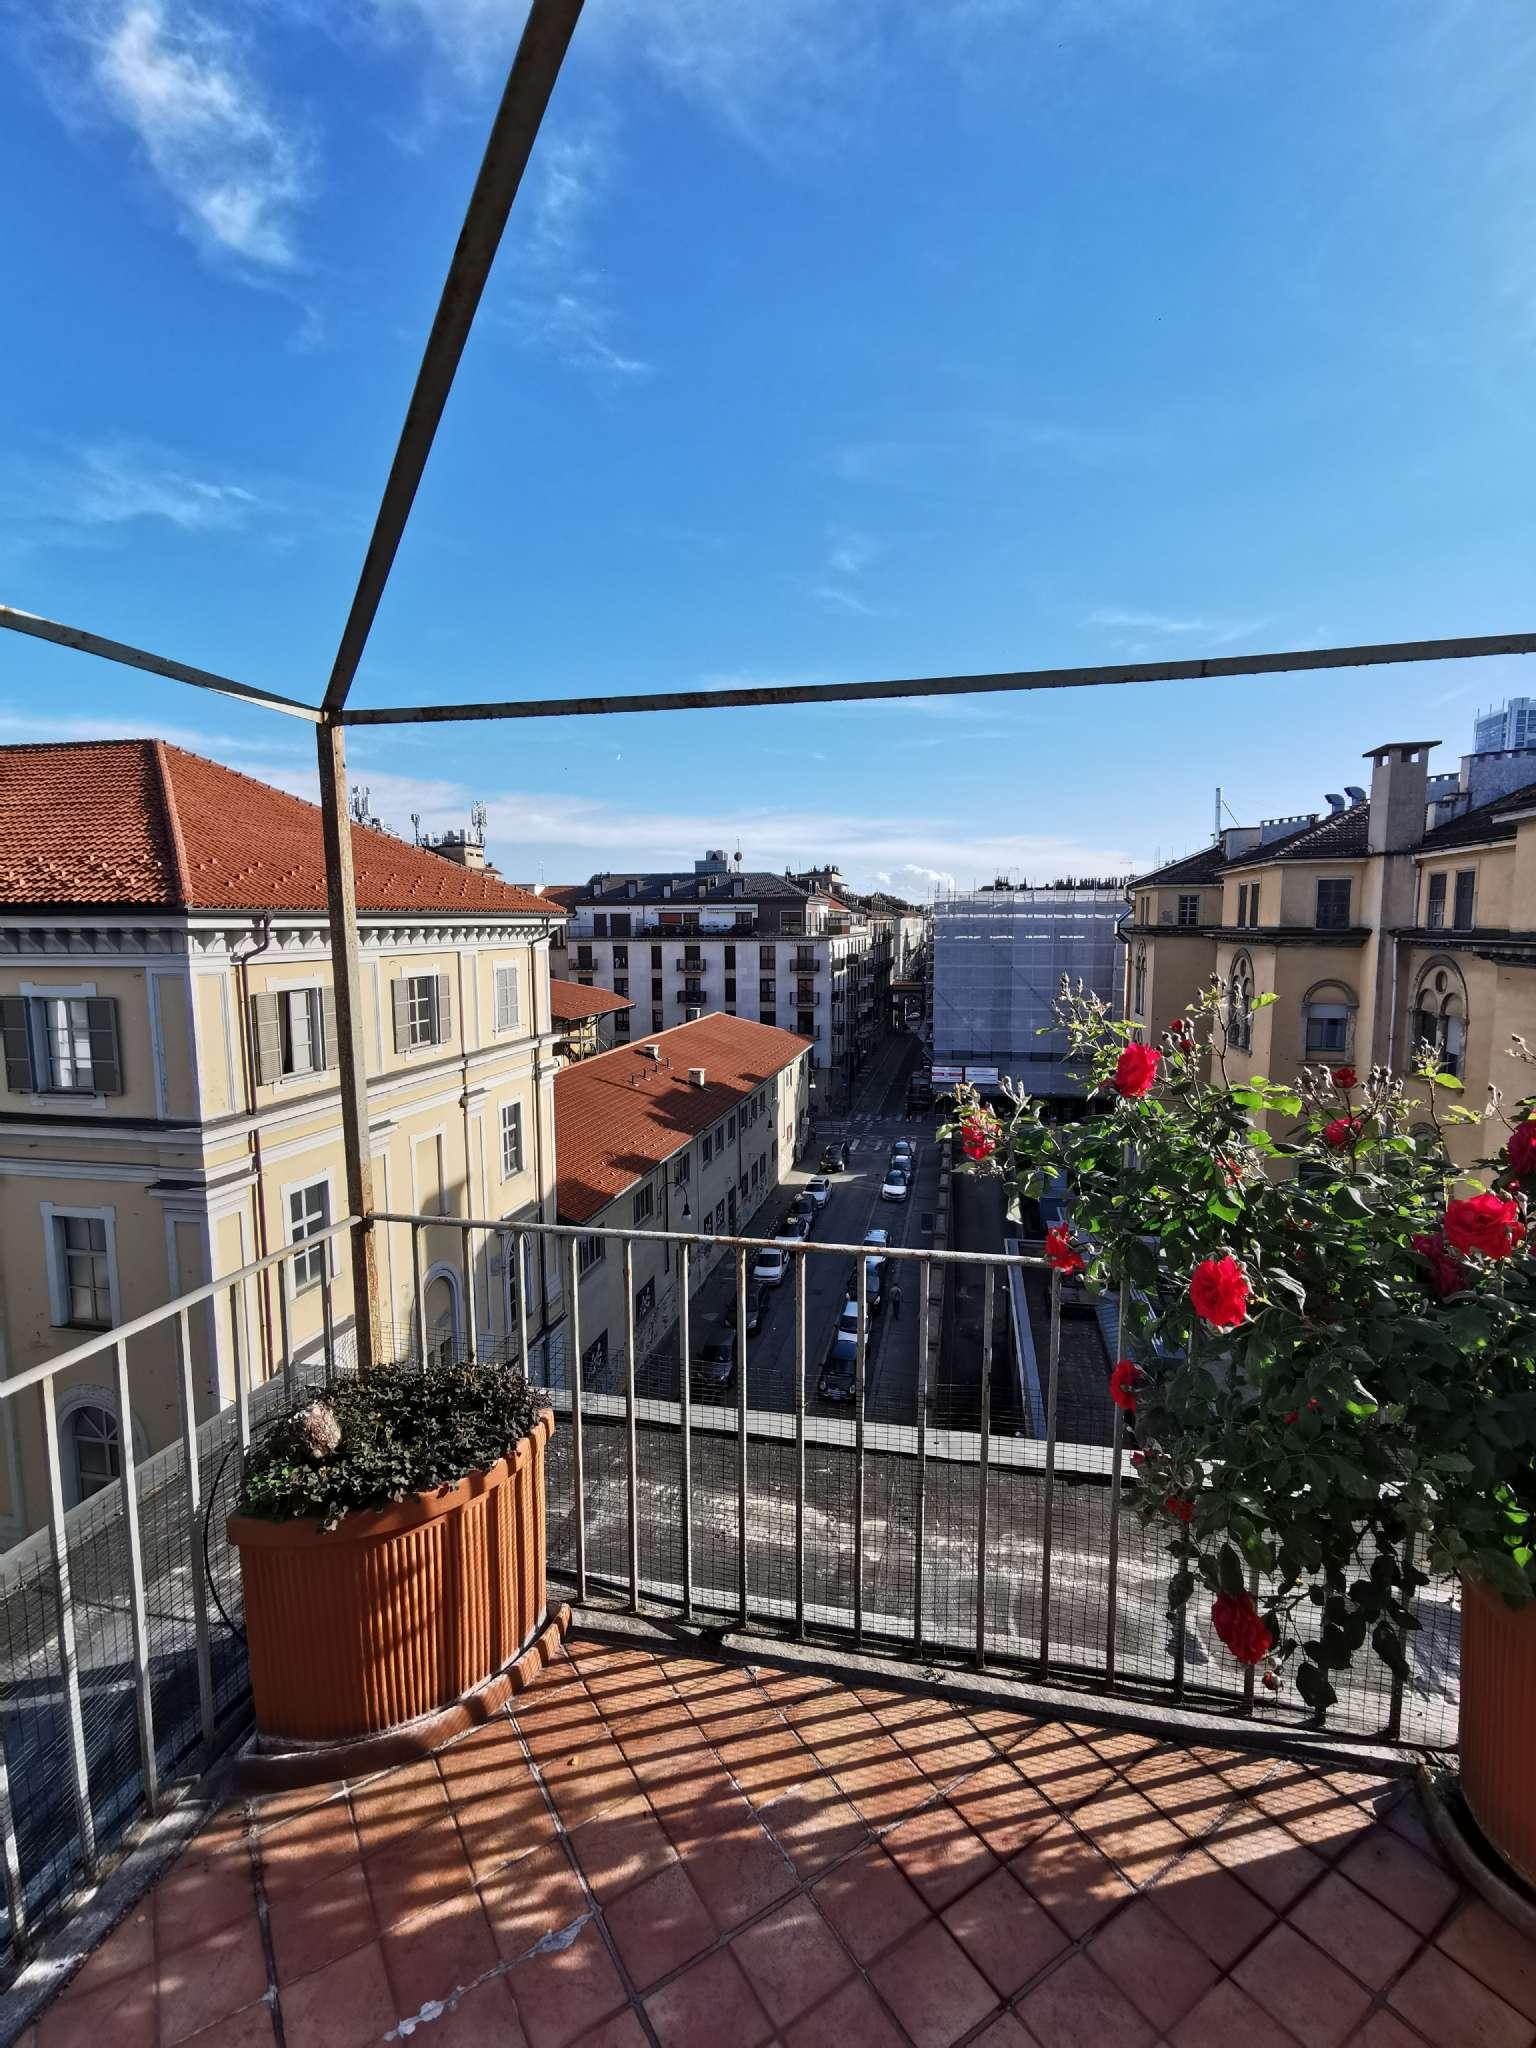 Attico / Mansarda in vendita a Torino, 8 locali, zona Centro, Quadrilatero Romano, Repubblica, Giardini Reali, prezzo € 550.000   PortaleAgenzieImmobiliari.it